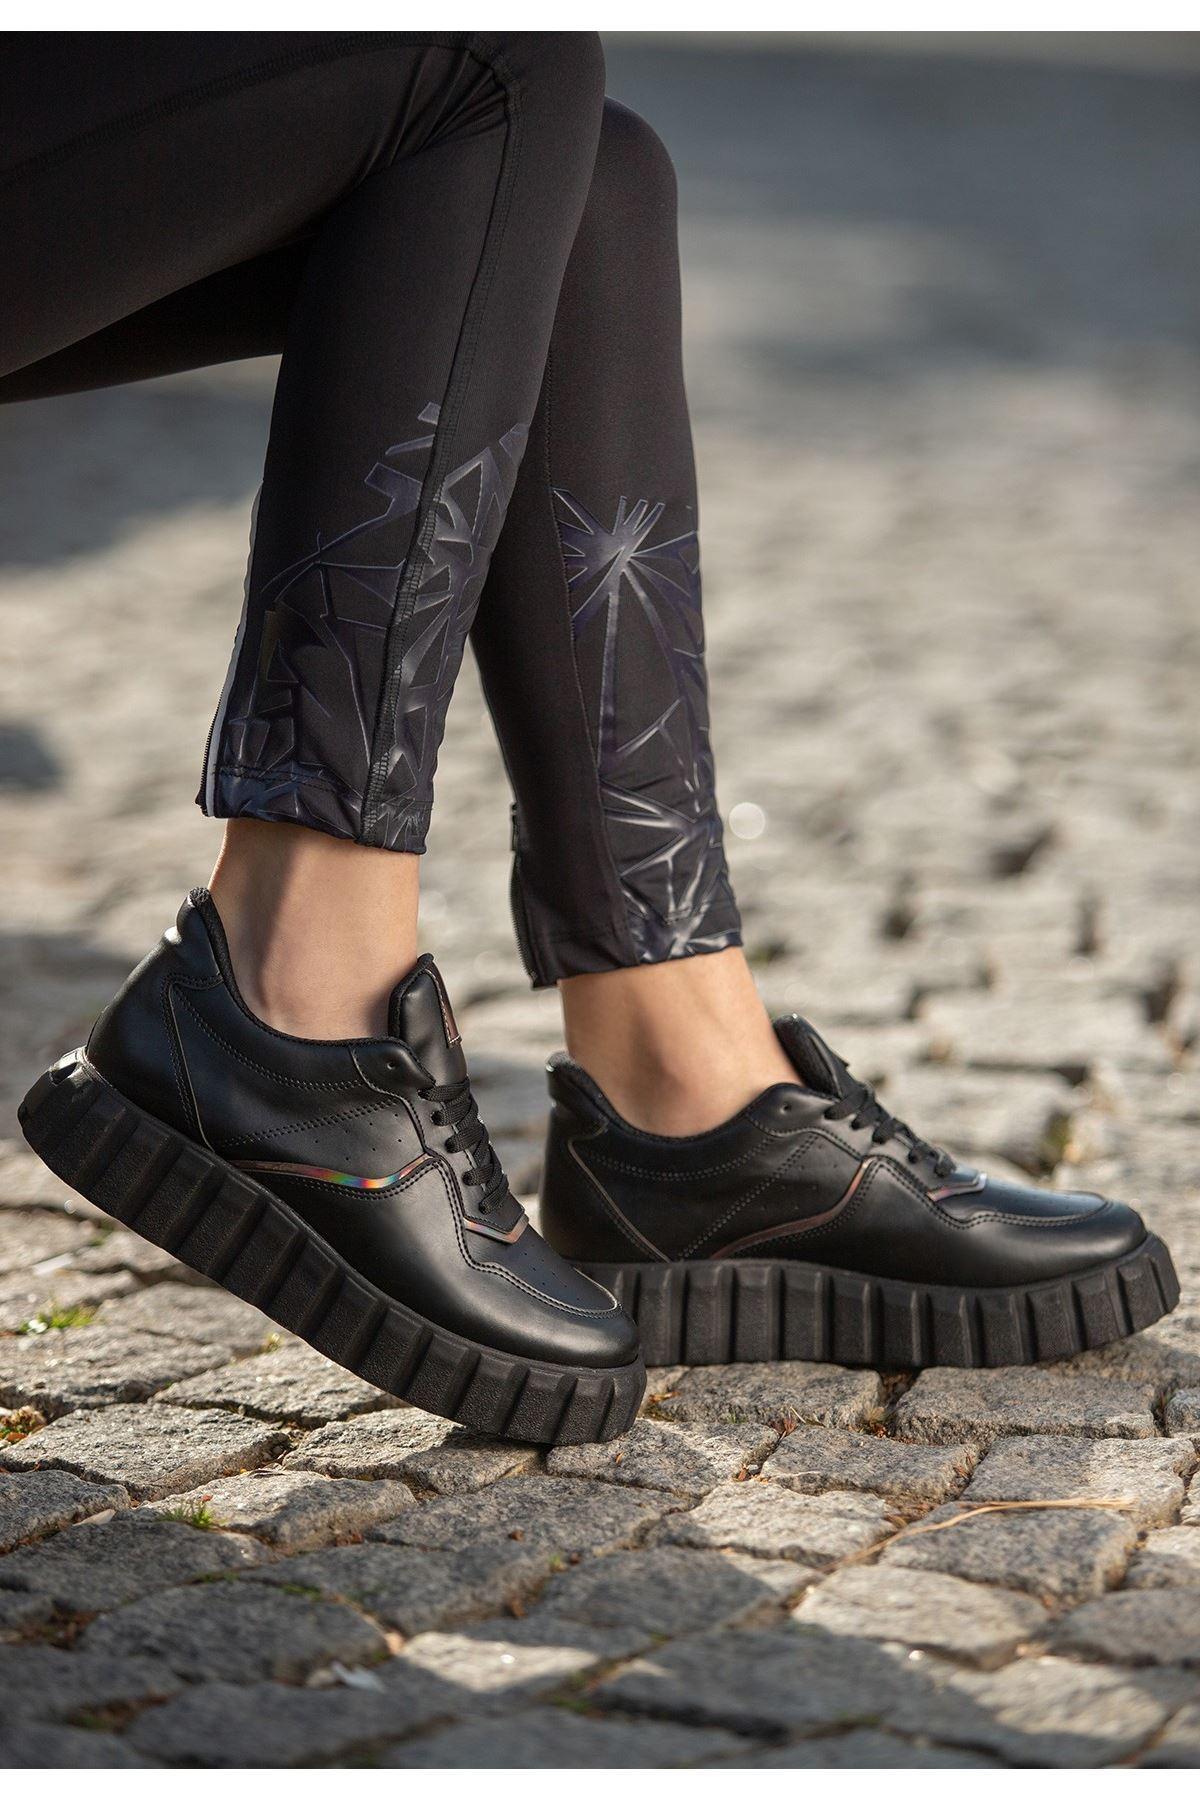 Oris Siyah Cilt Bağcıklı Spor Ayakkabı